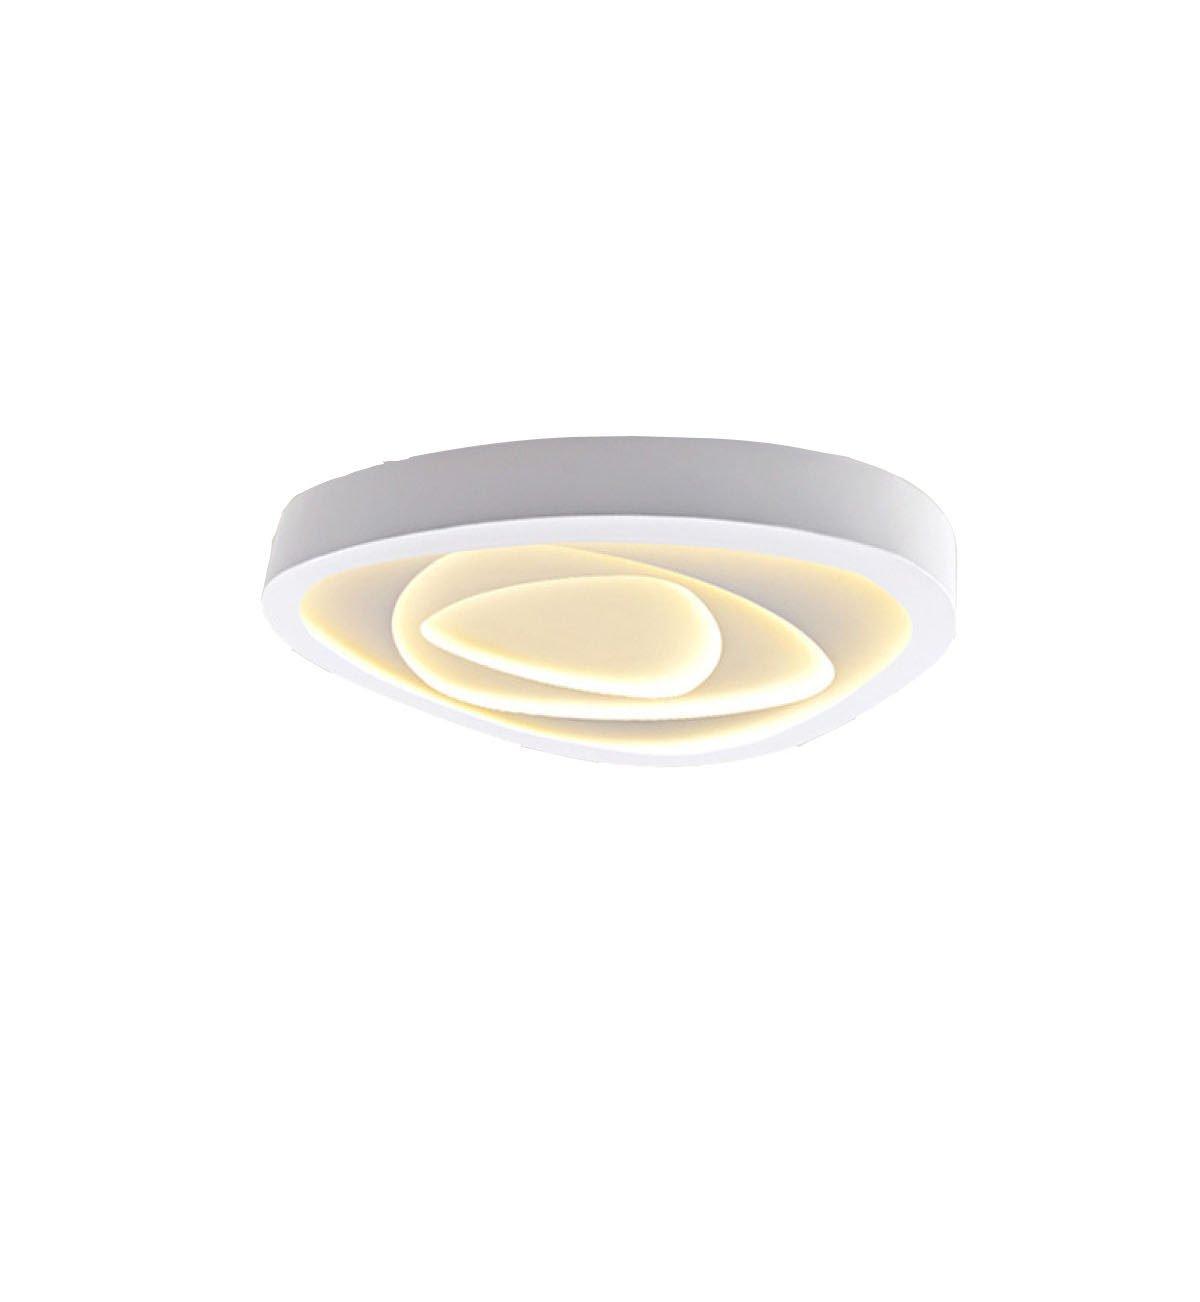 Axiba- LED-Deckenleuchte Wohnzimmer Lampe Schlafzimmer Moderne Minimalistische Persö nlichkeit Studie Raumbeleuchtung, 42cm bfdsh